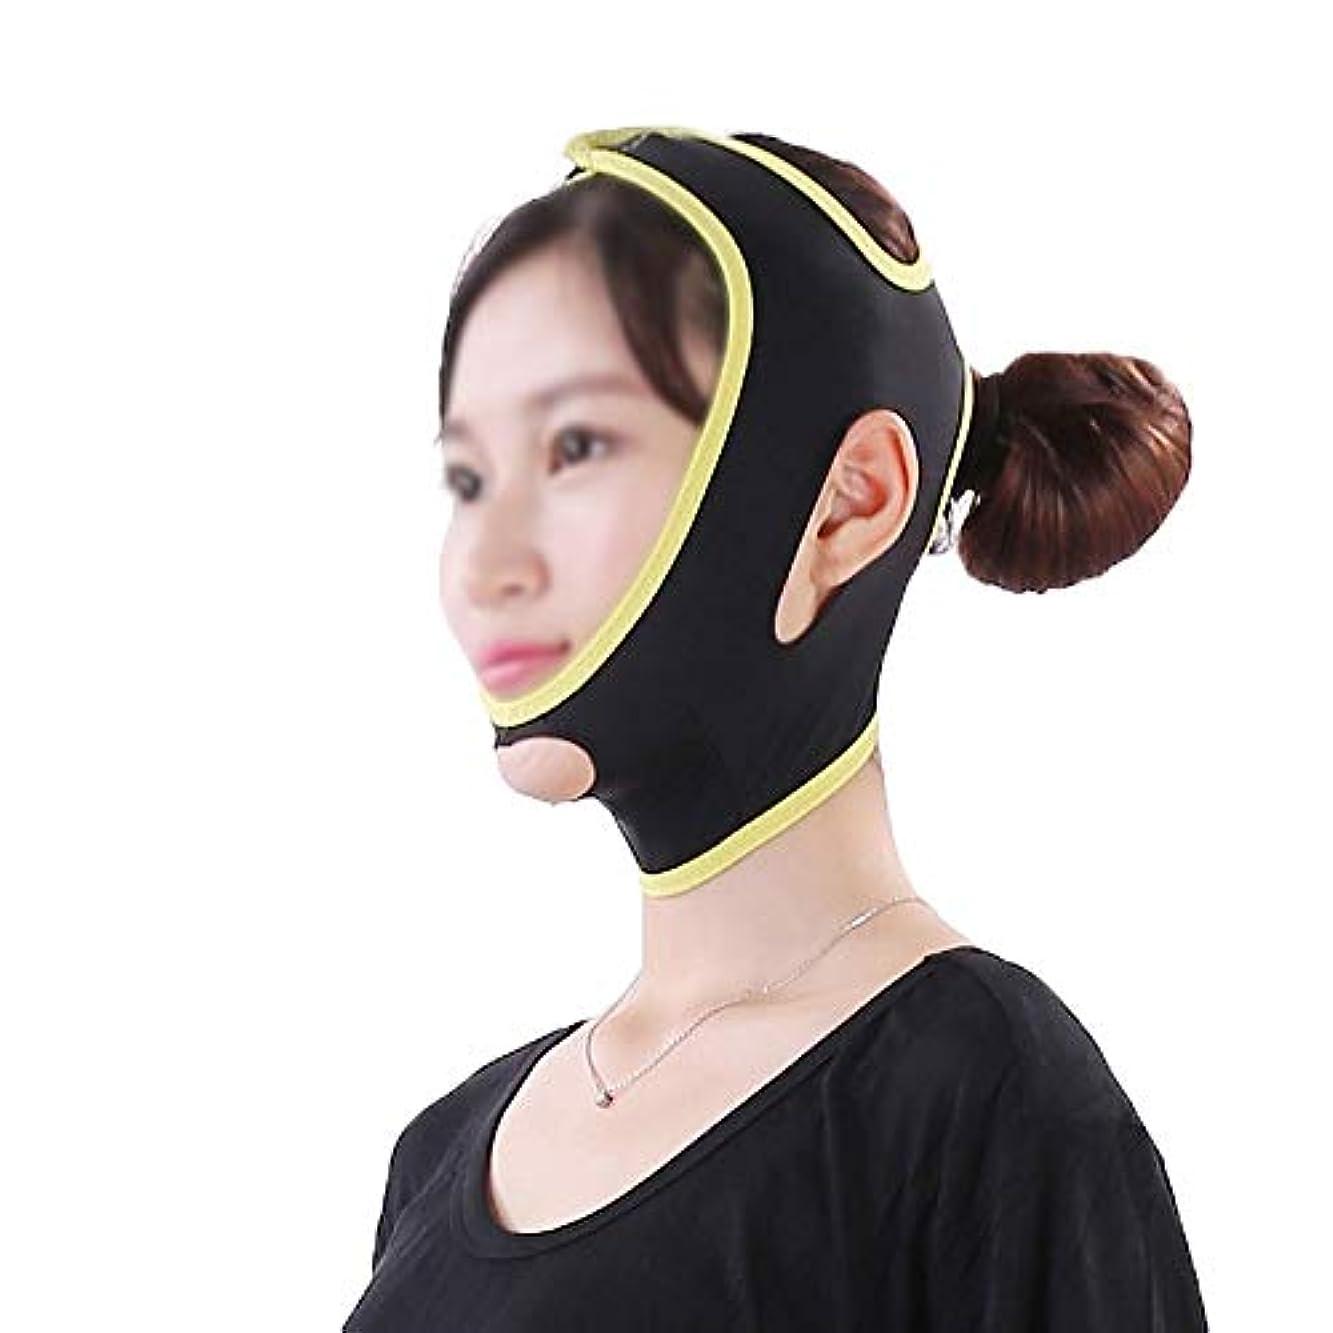 強制的苗モスクGLJJQMY フェイス&ネックリフトシンフェイスマスクパワフルマスクフェイスリフトアーチファクトフェイスリフトフェイスツールシンフェイス包帯シンフェイスマスク美容マスク 顔用整形マスク (Size : L)